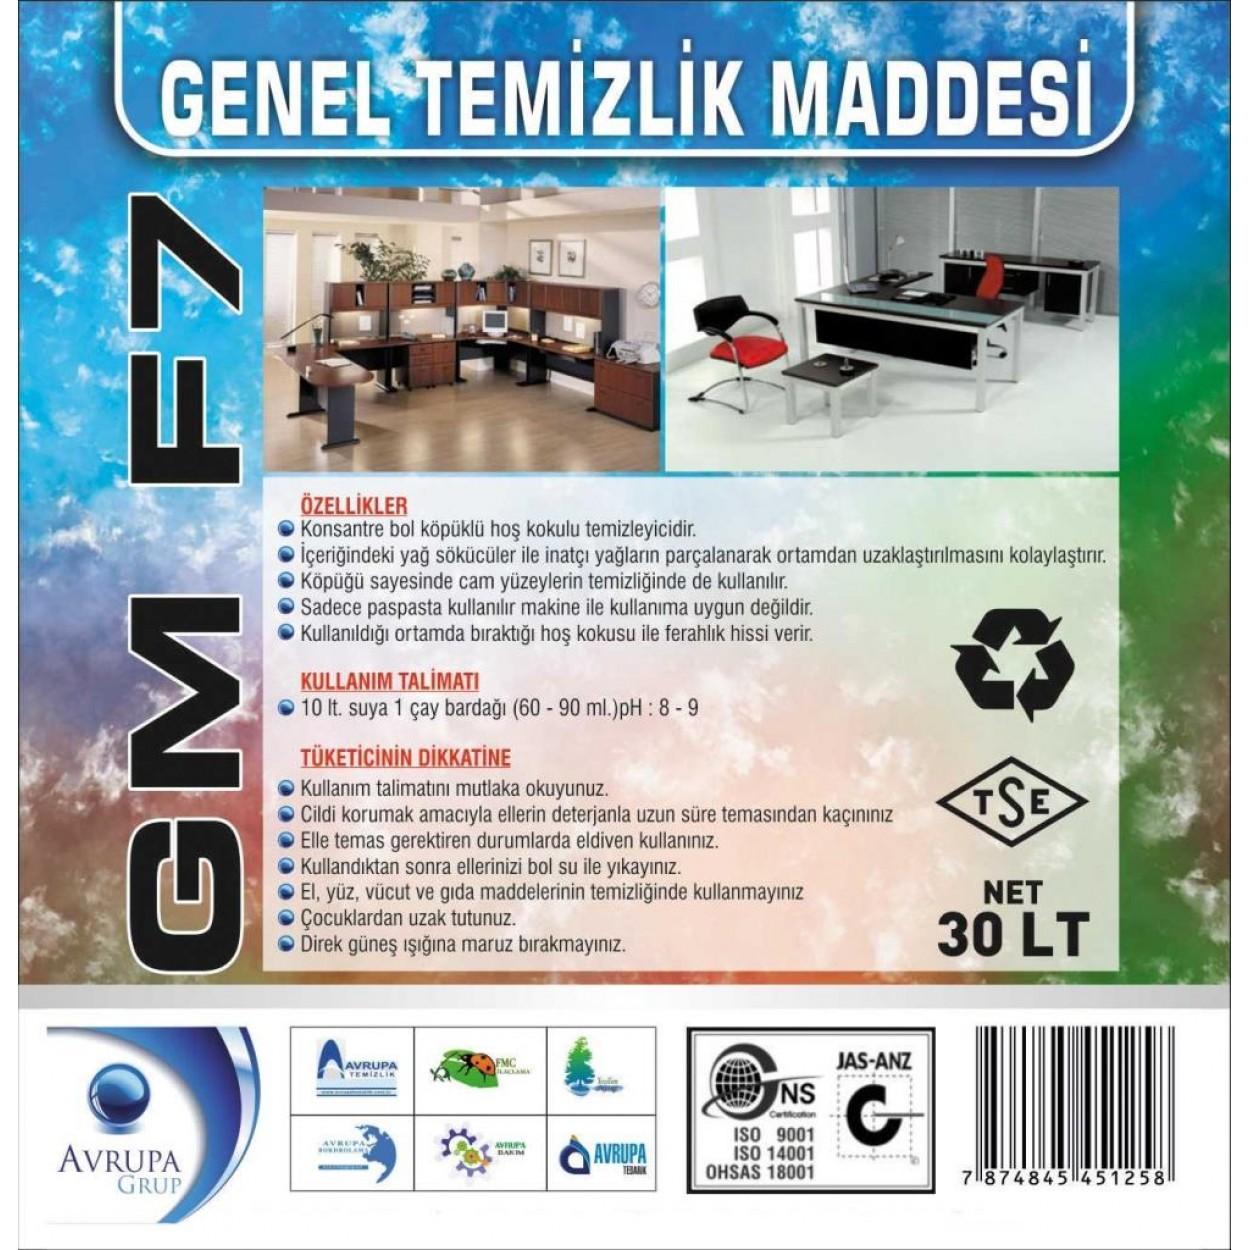 GM F7 Genel Temizlik Maddesi 30 Litre